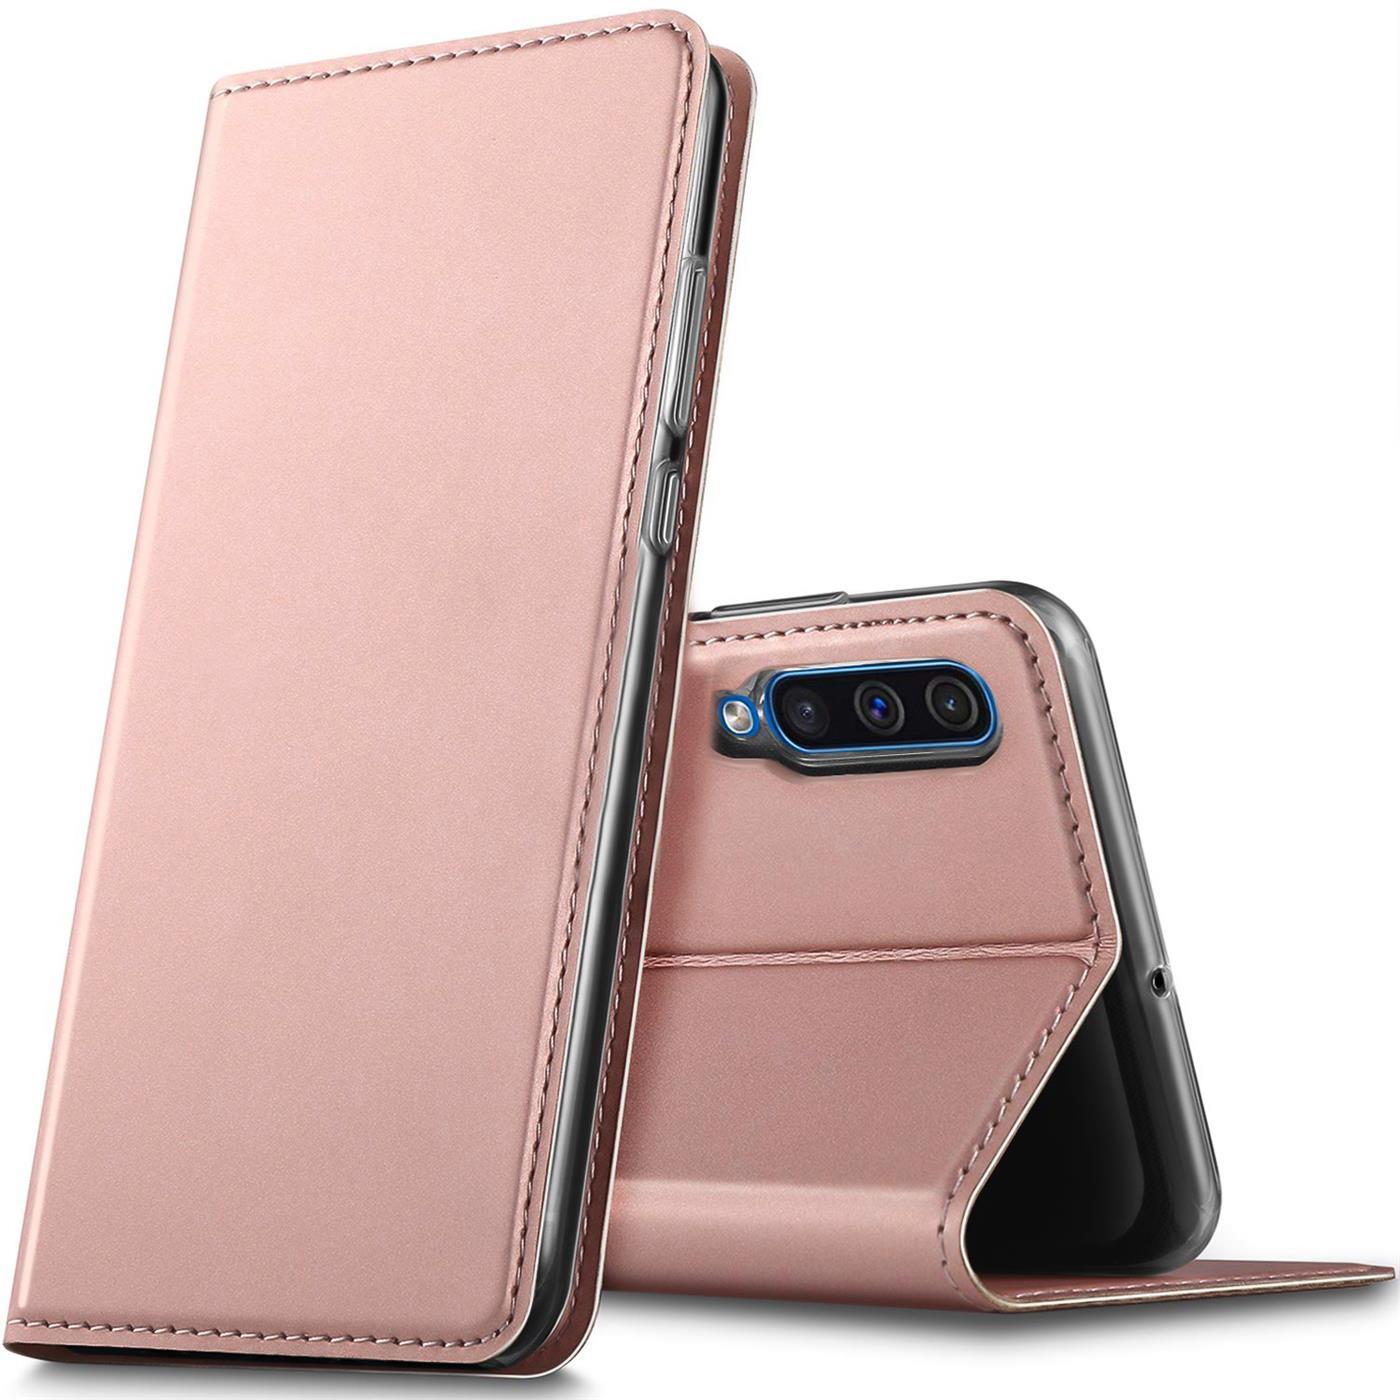 Samsung-Galaxy-A50-Handy-Klapp-Schutz-Huelle-Tasche-Flip-Case-Etui-Schutzhuelle Indexbild 16